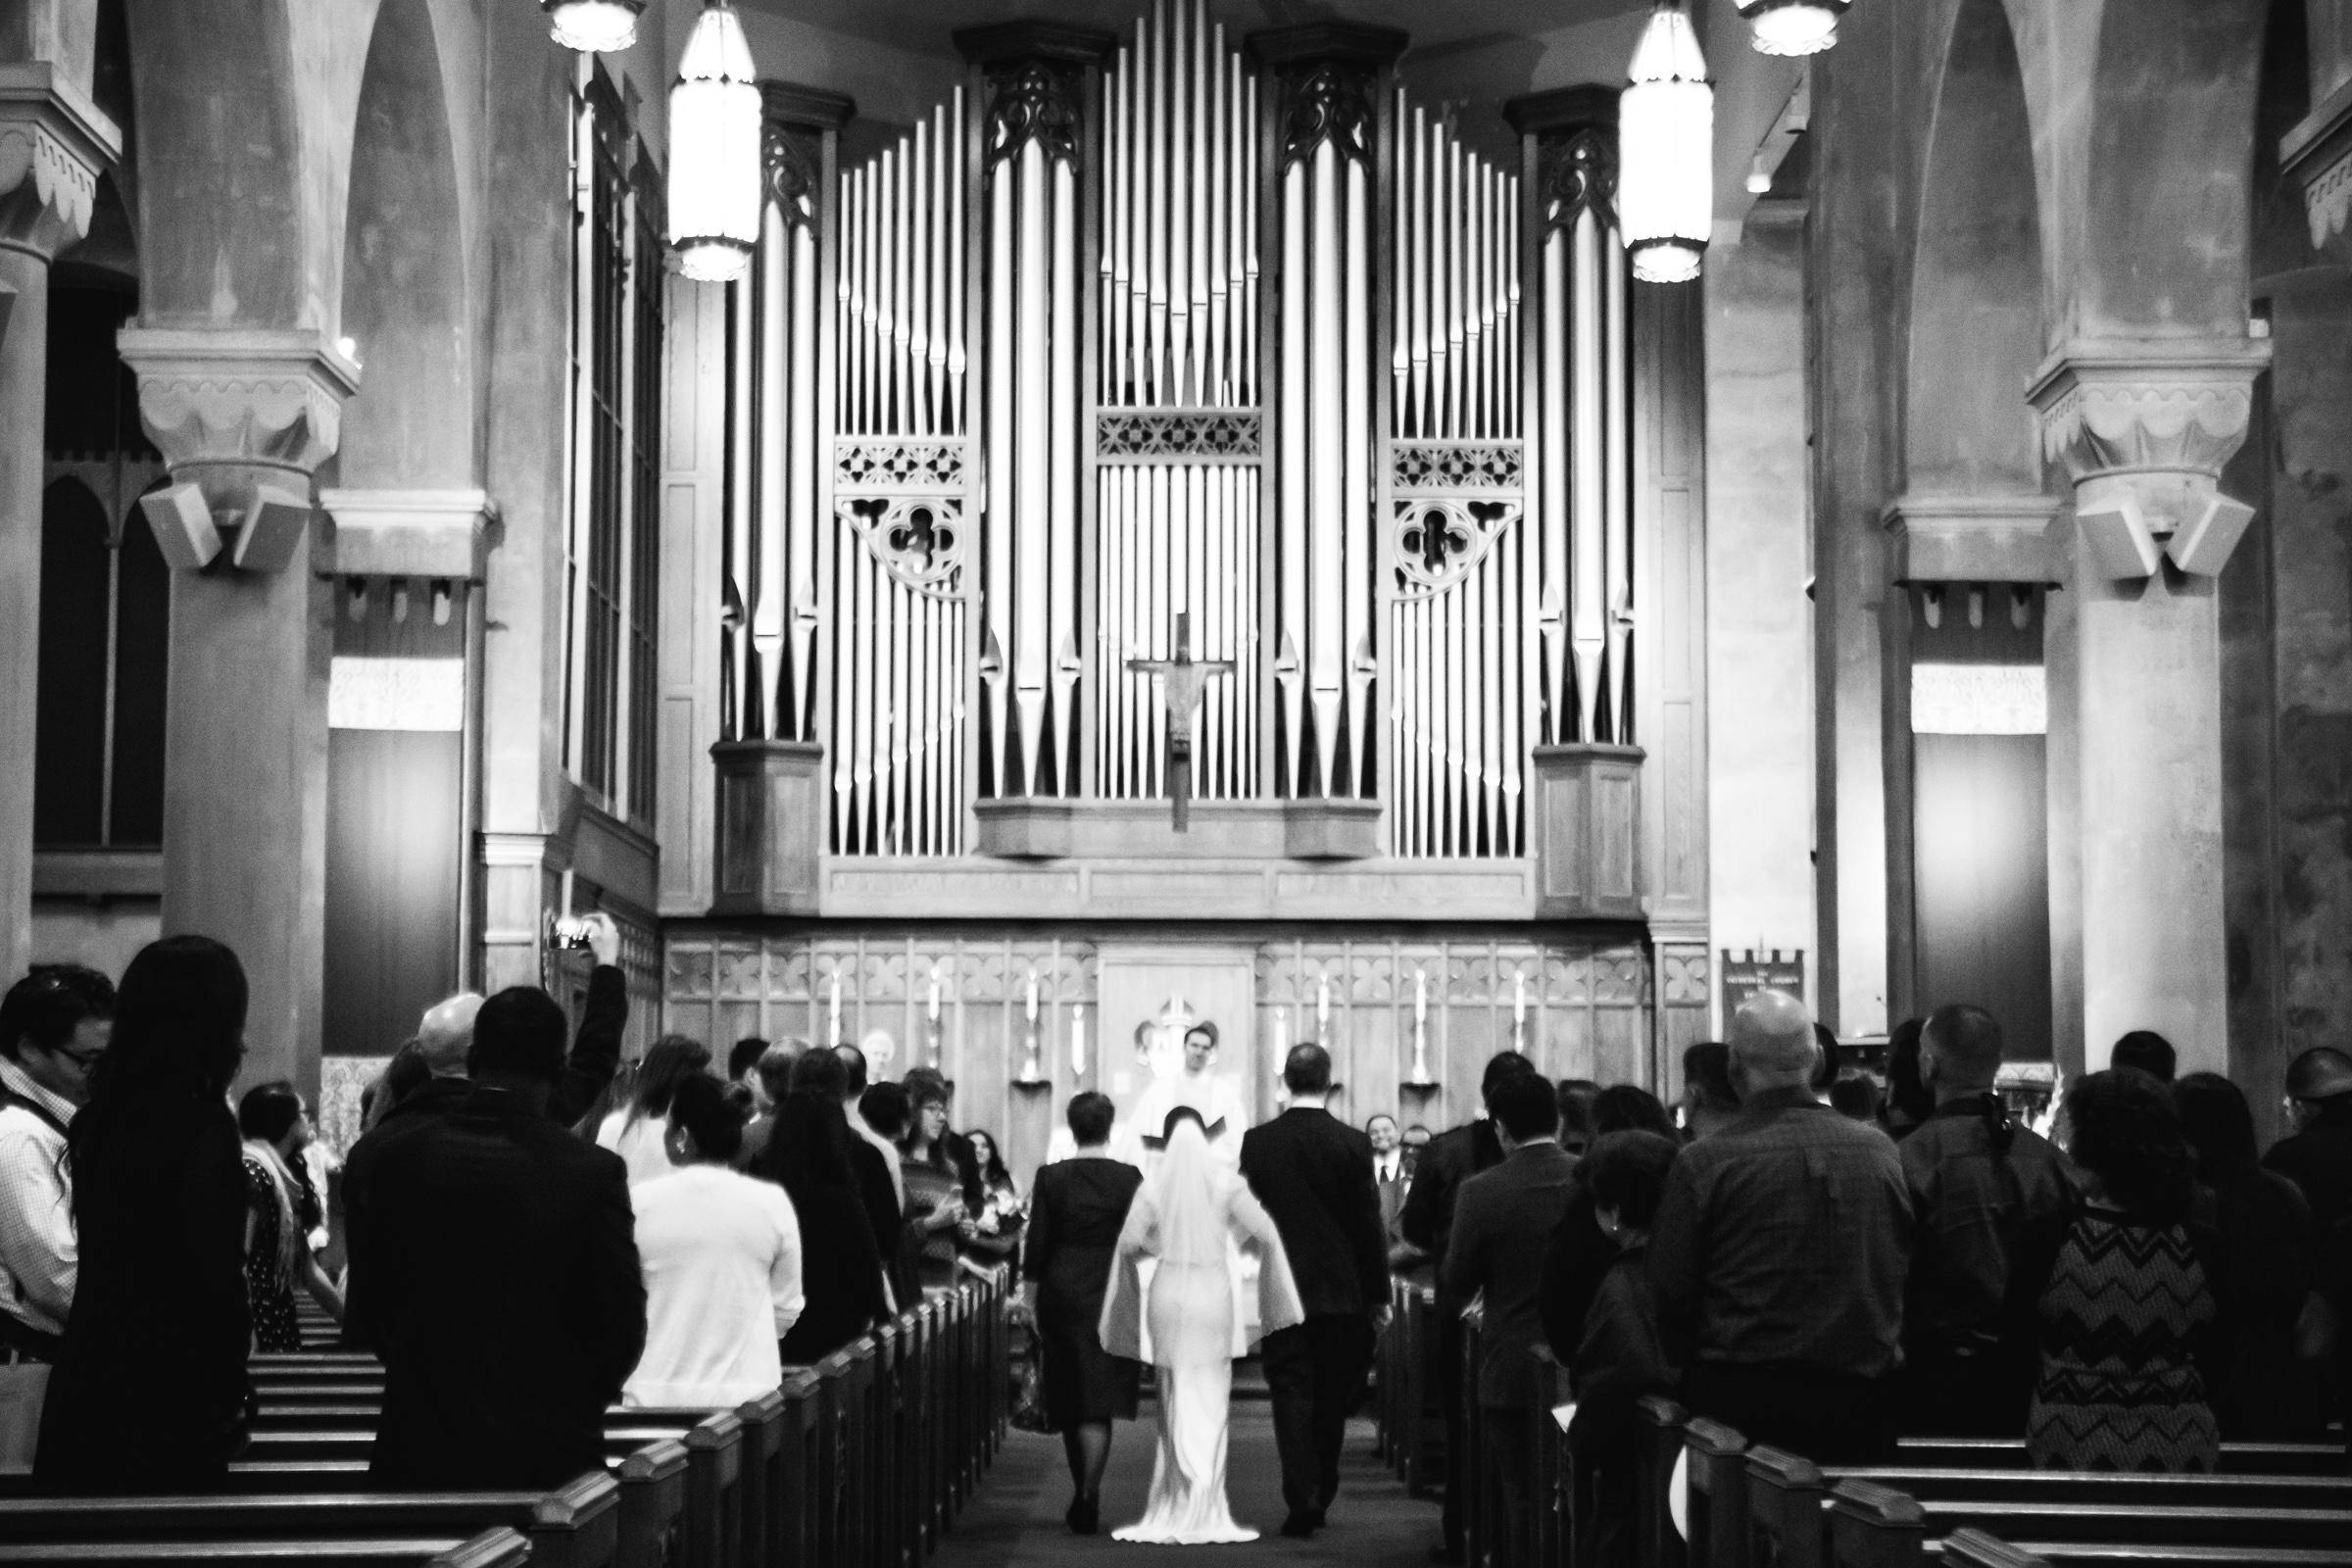 DannyandHazelruth-SanDiego-Wedding-013016-0172.jpg